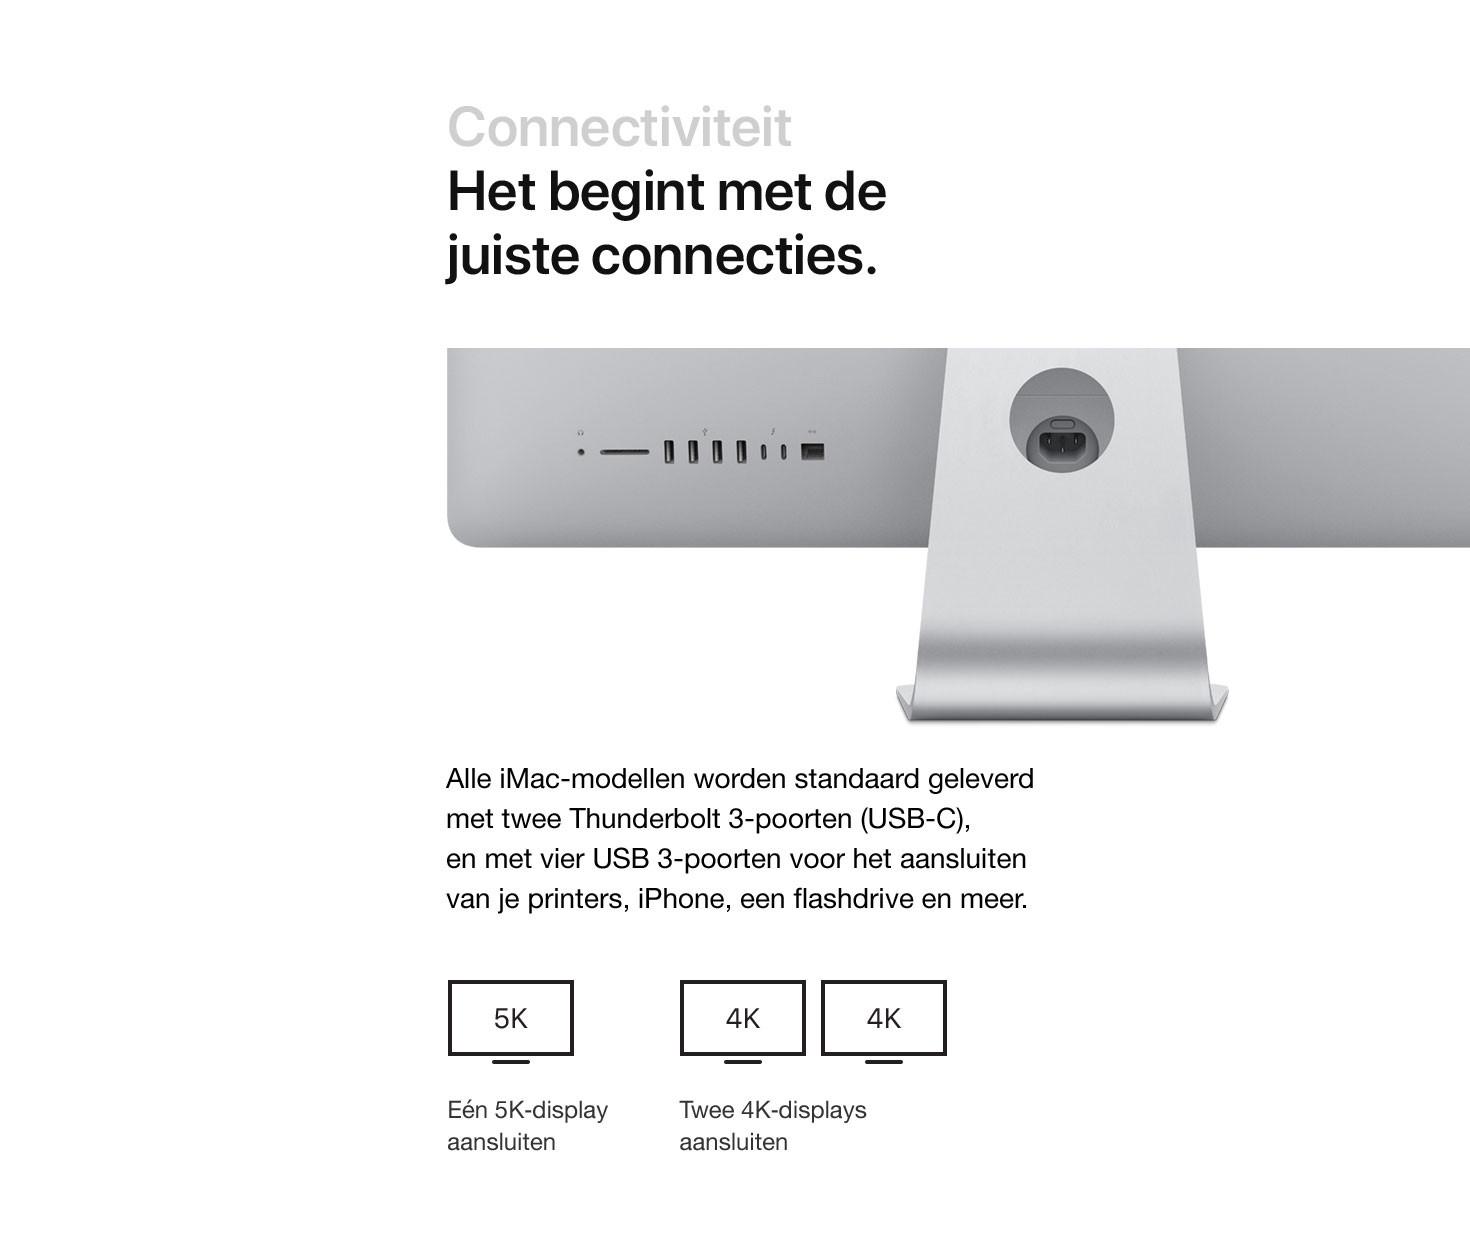 iMac2019-nl-mobile_08.jpg